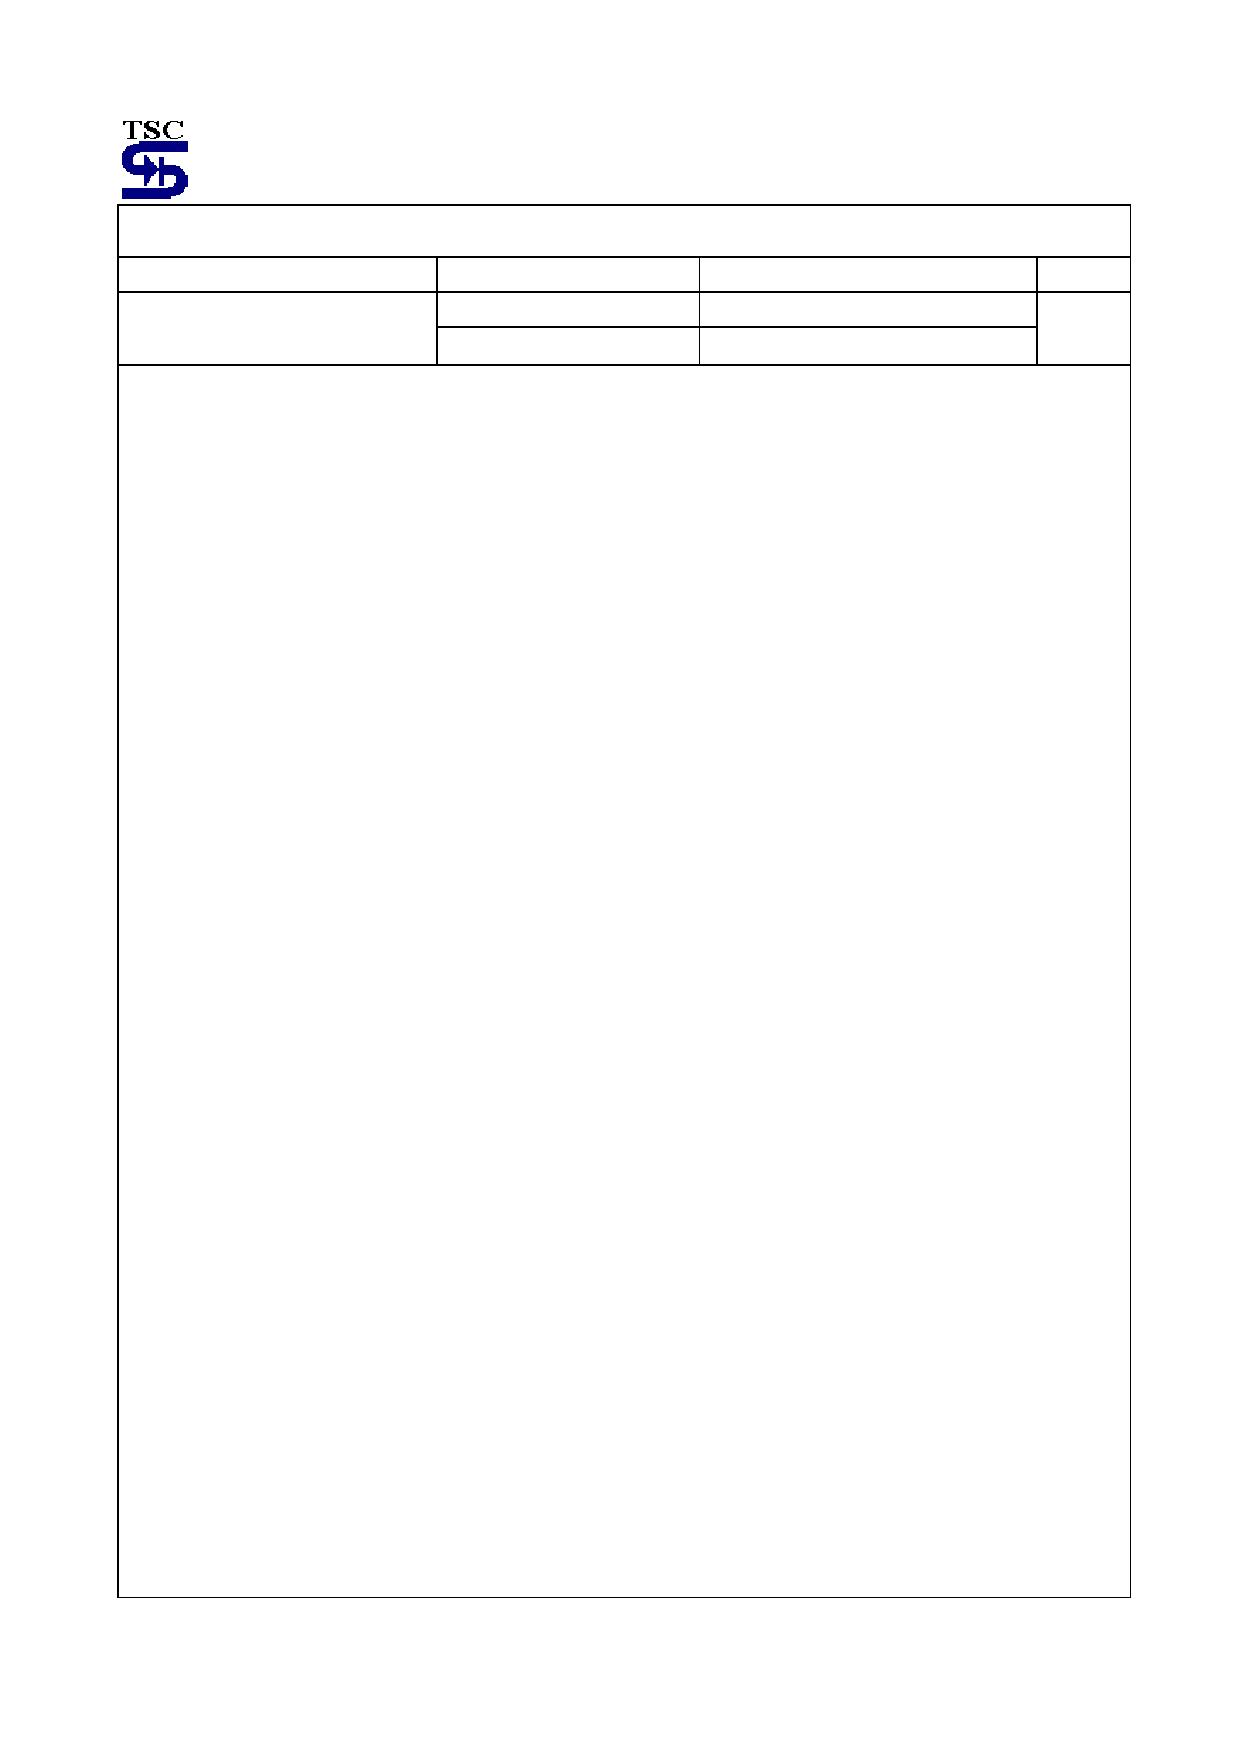 TS29101 pdf, ピン配列